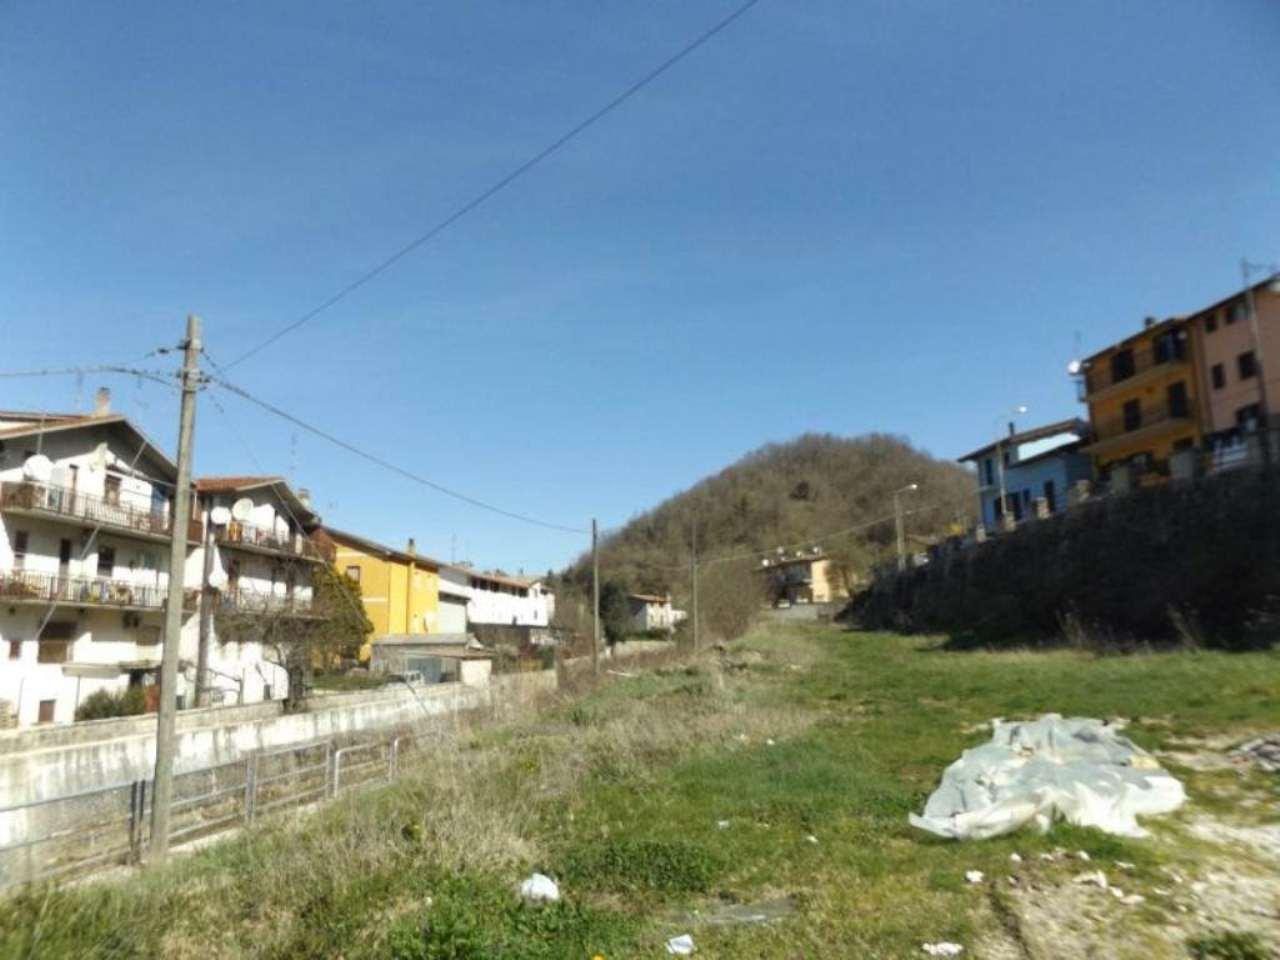 Terreno Edificabile Residenziale in vendita a Carsoli, 9999 locali, prezzo € 137.000 | CambioCasa.it